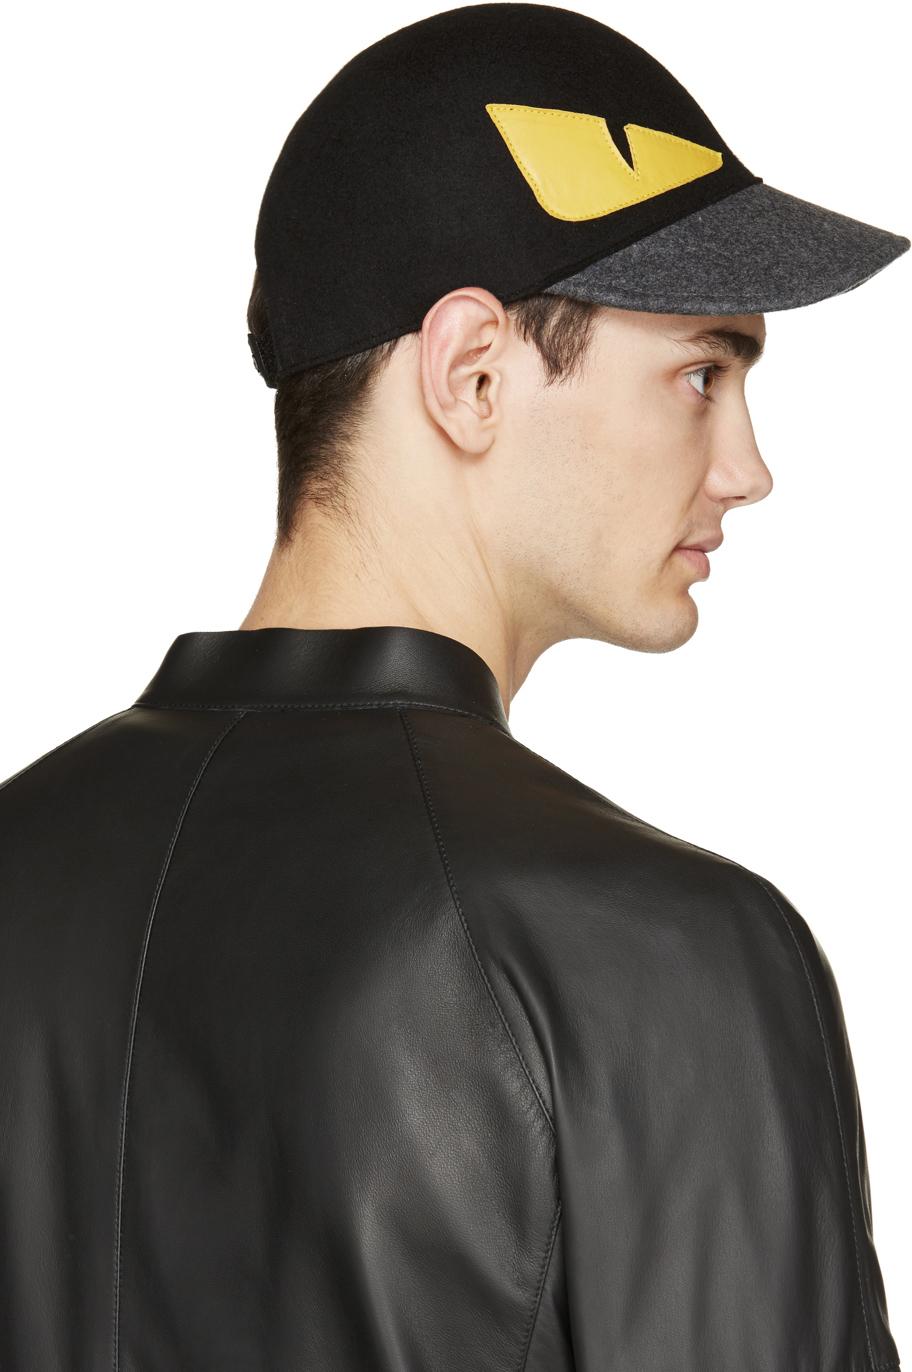 Lyst - Fendi Monster Wool Baseball Cap in Black for Men c4ed9c9852e